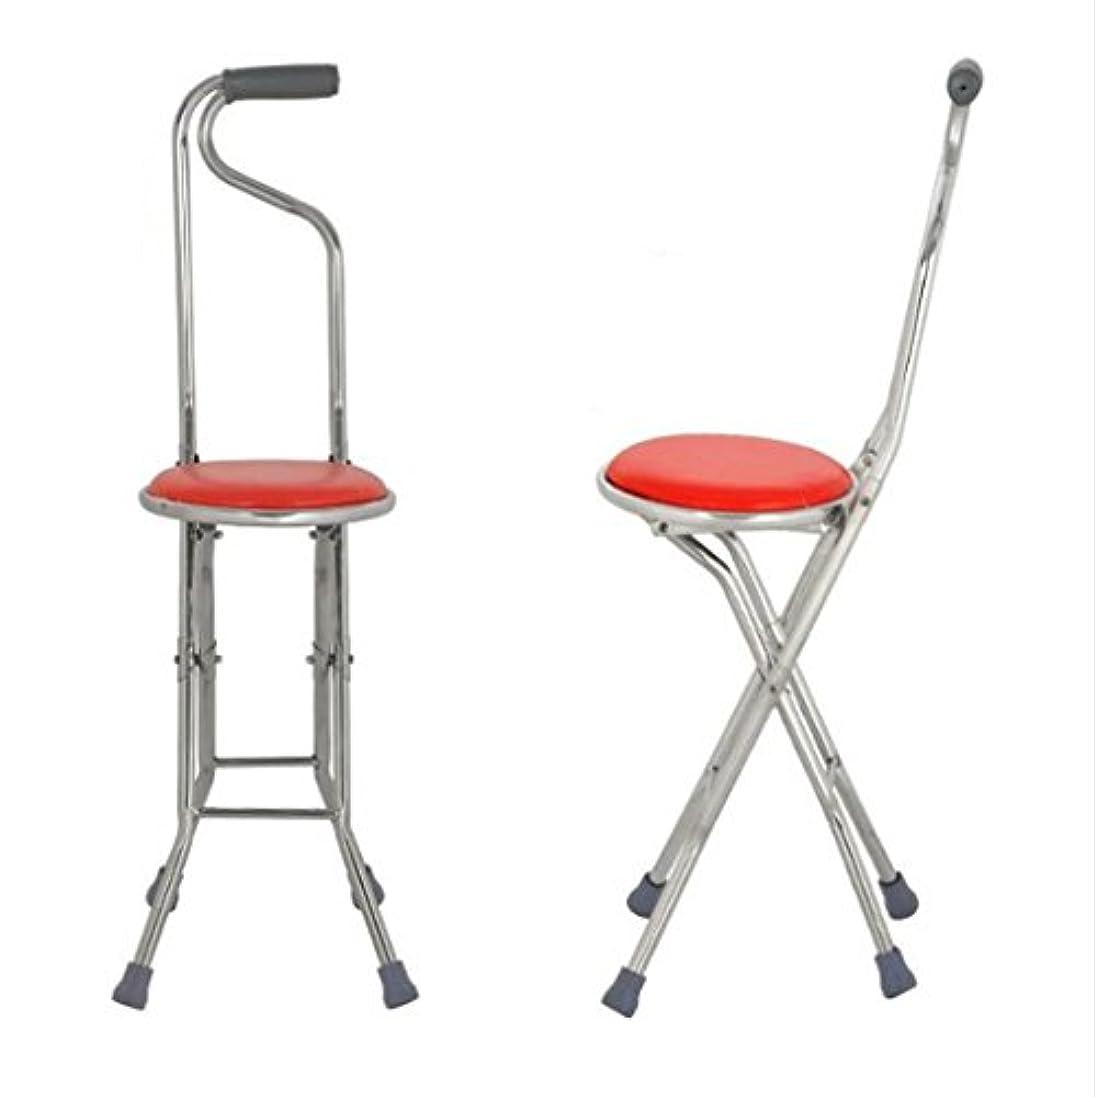 のれんタイマー構成する調節可能な折りたたみ歩行ケーンの椅子スツールマッサージシートを歩くスティックポータブル釣りは長老のためのスツール (三 : B)